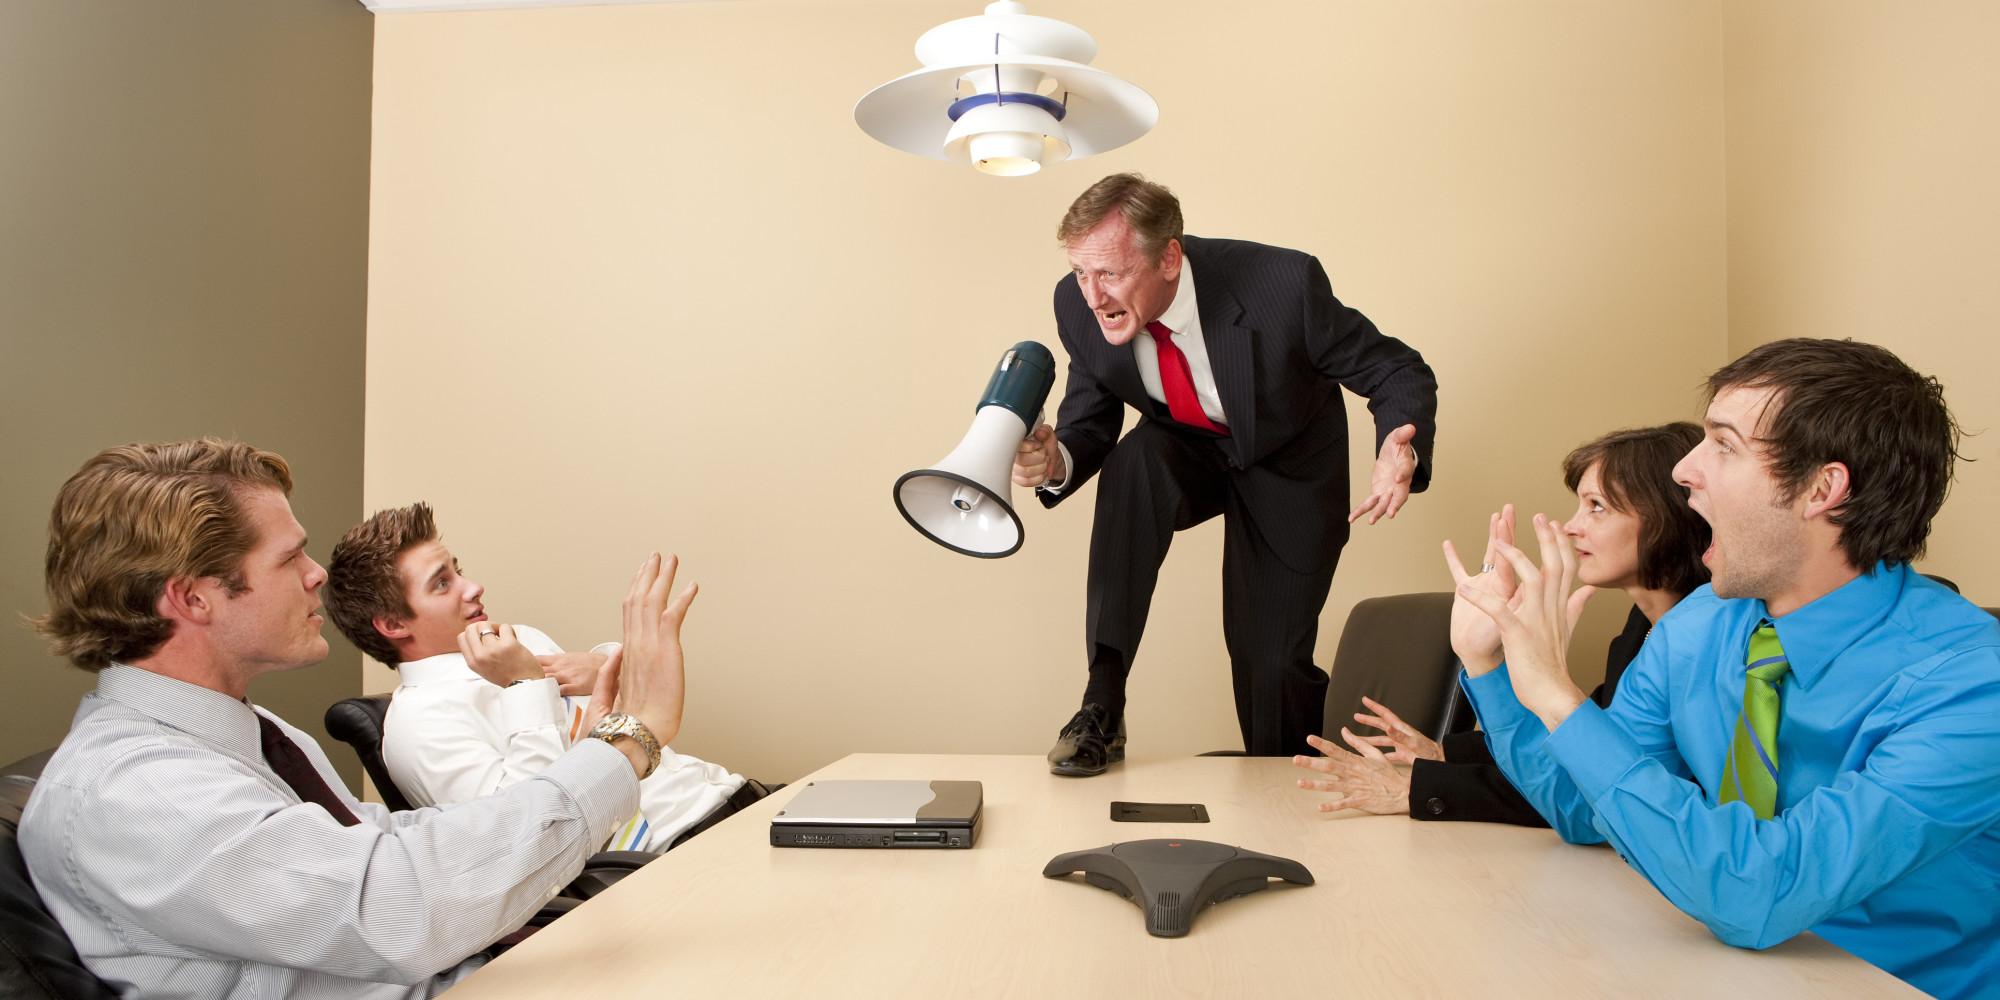 абьюз на работе: где права сила, там бессильно право?